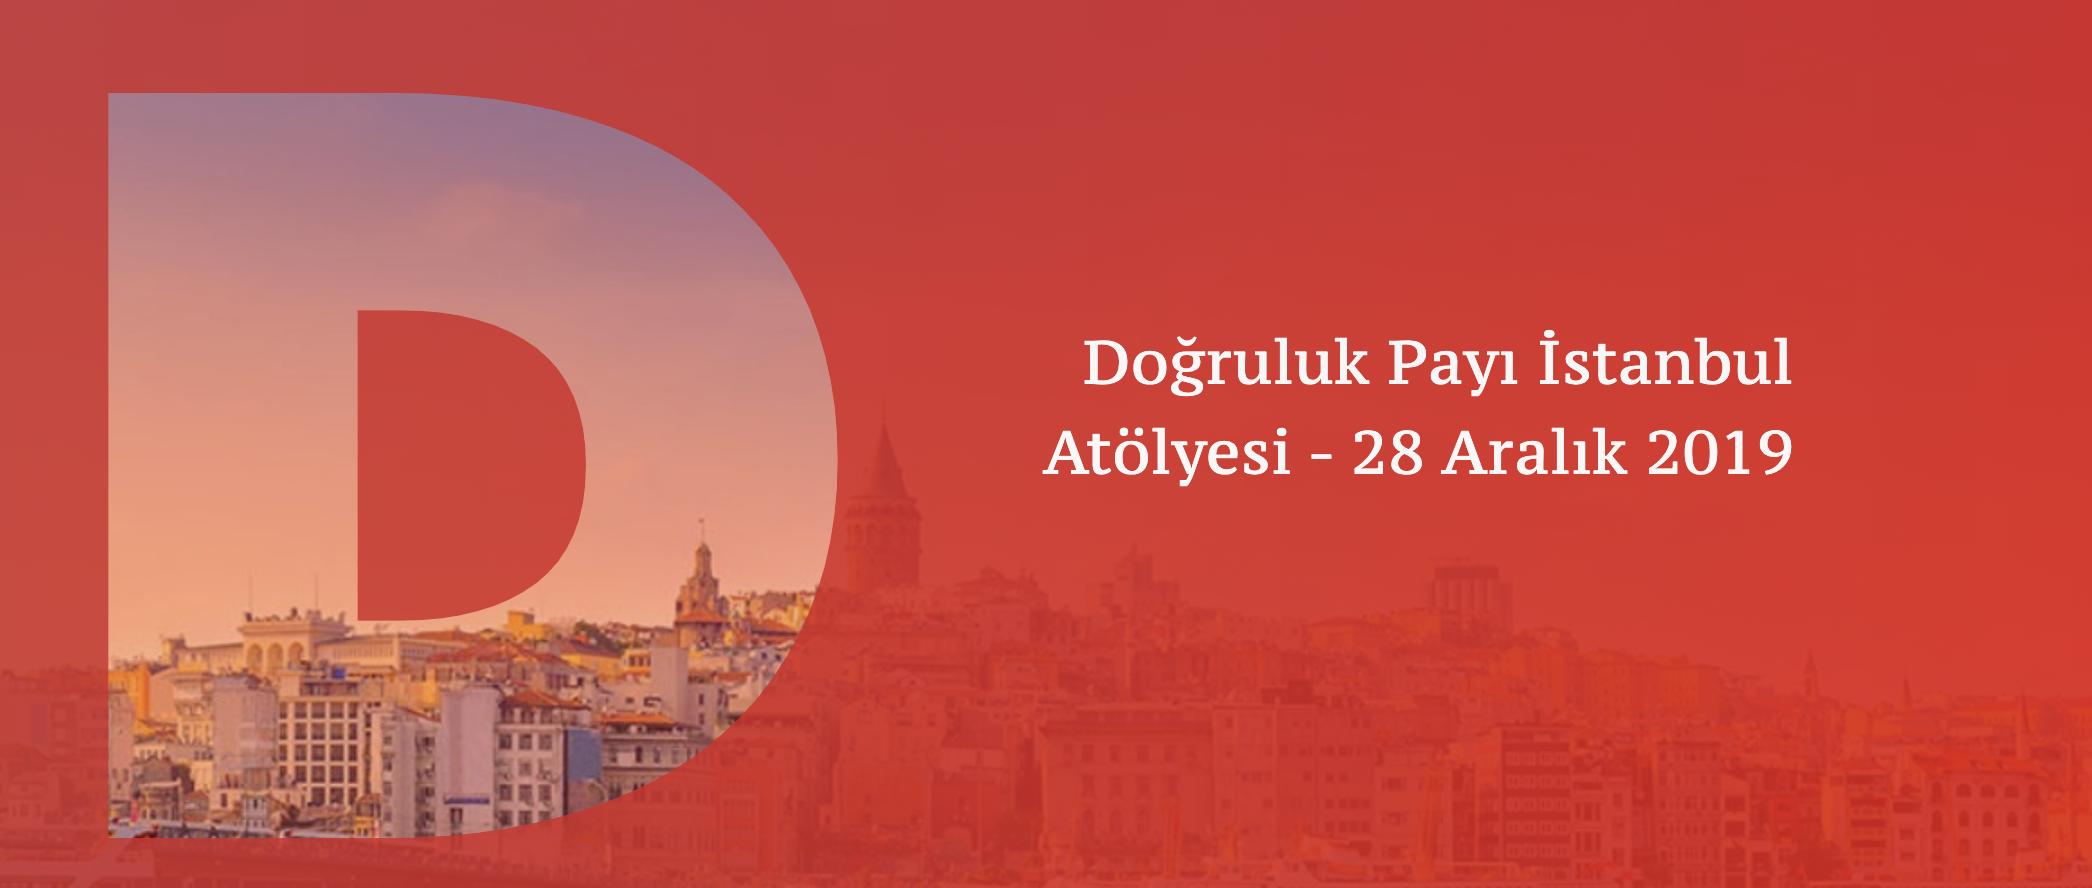 Doğruluk Payı Atölyesi 28 Aralık'ta İstanbul'da!